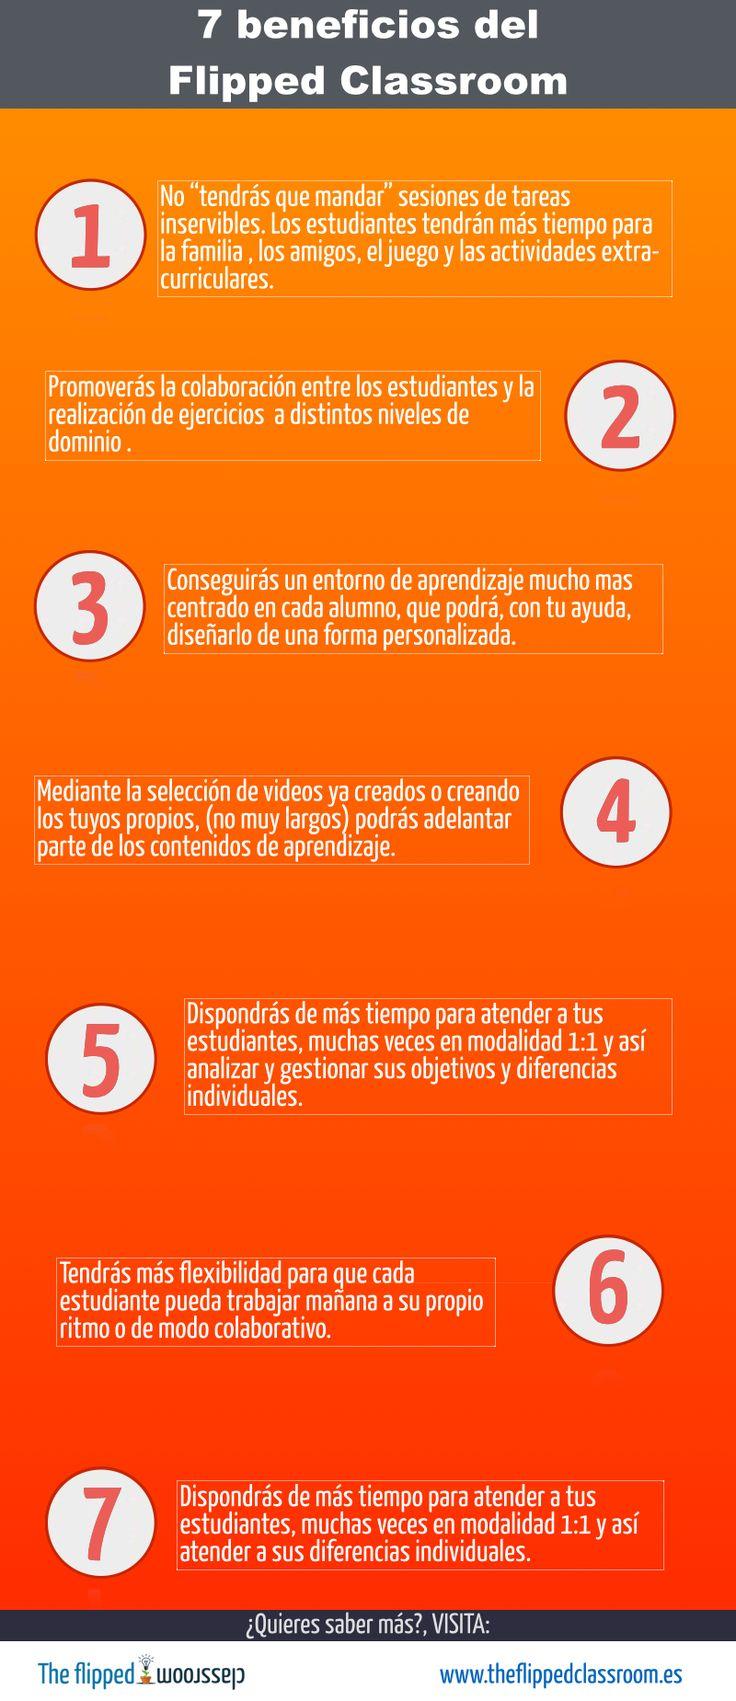 Por contraposición, 7 beneficios de aplicar la estrategia #flippedclassroom #sekelcastillo #edtech